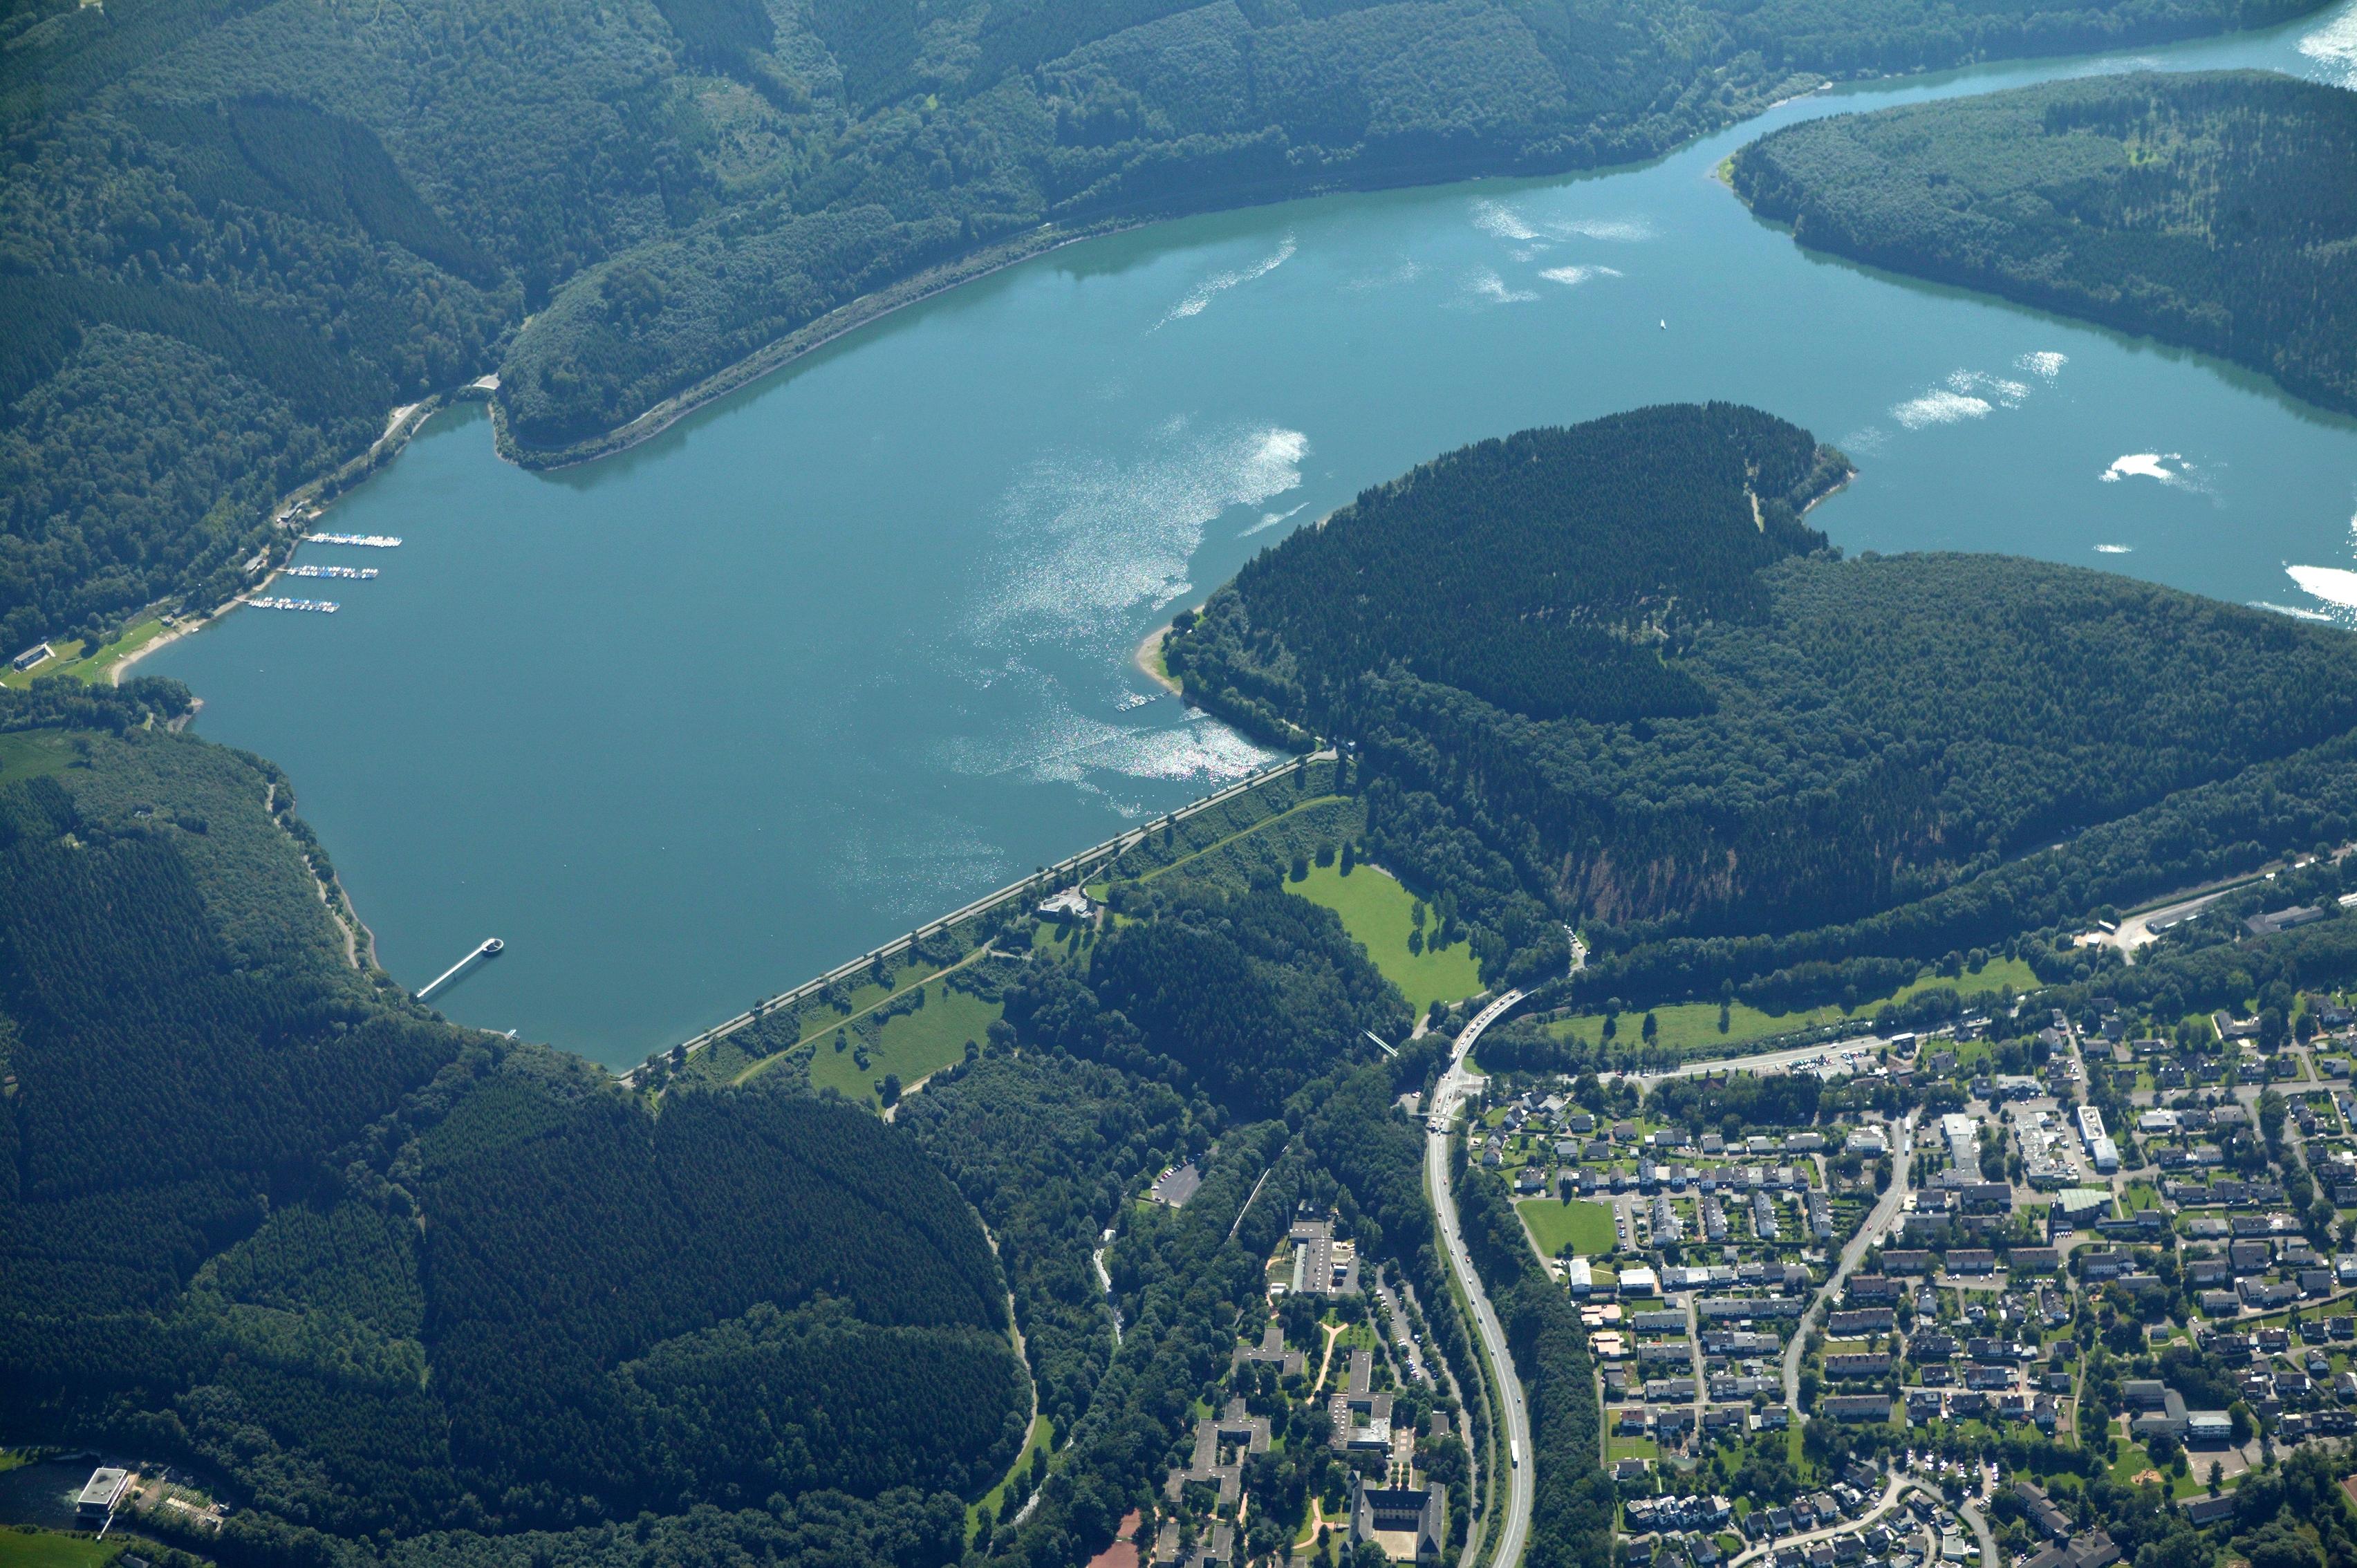 Ein Luftbild der Biggetalsperre in Nordrhein-Westfalen